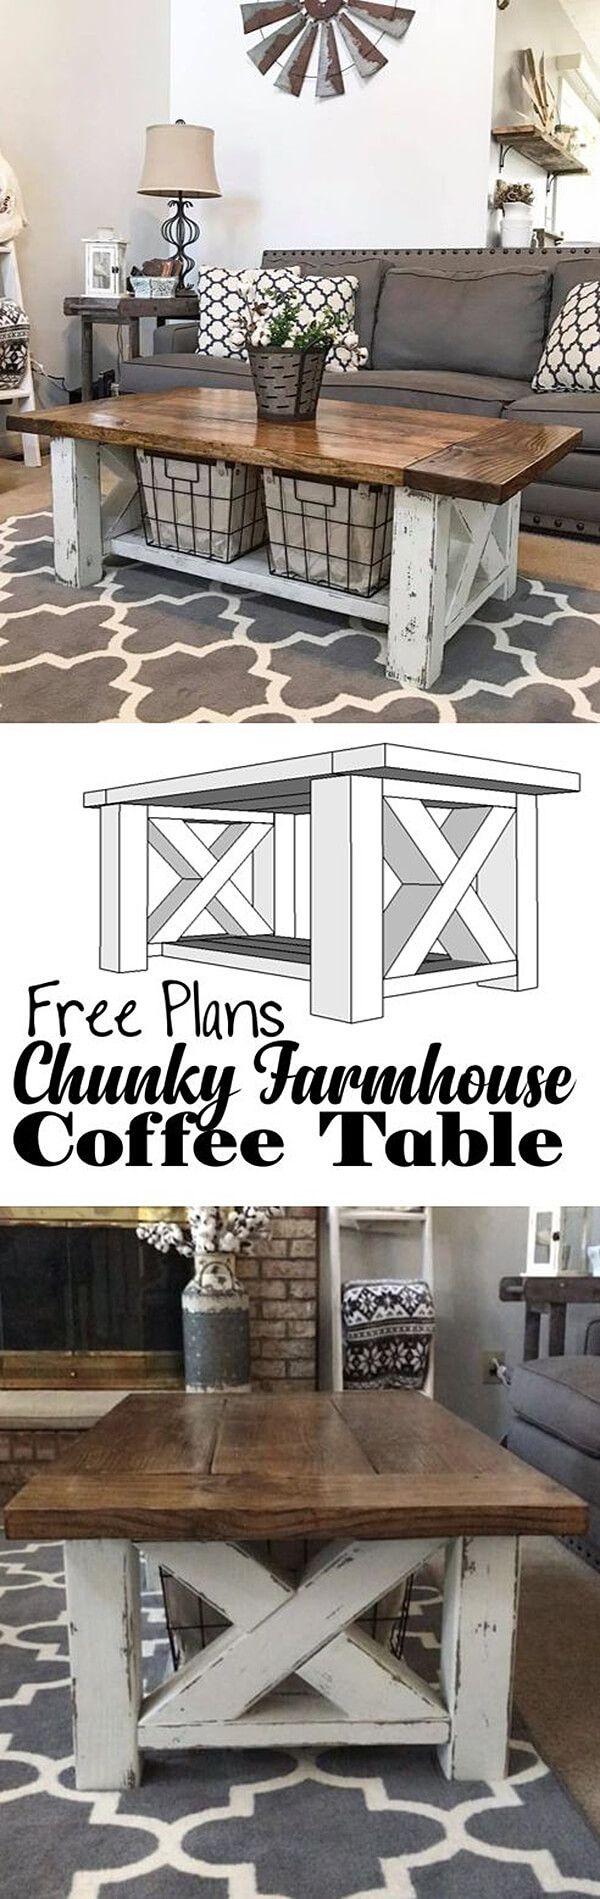 25 DIY Farmhouse Coffee Table Ideen, die sowohl praktisch als auch stilvoll sind